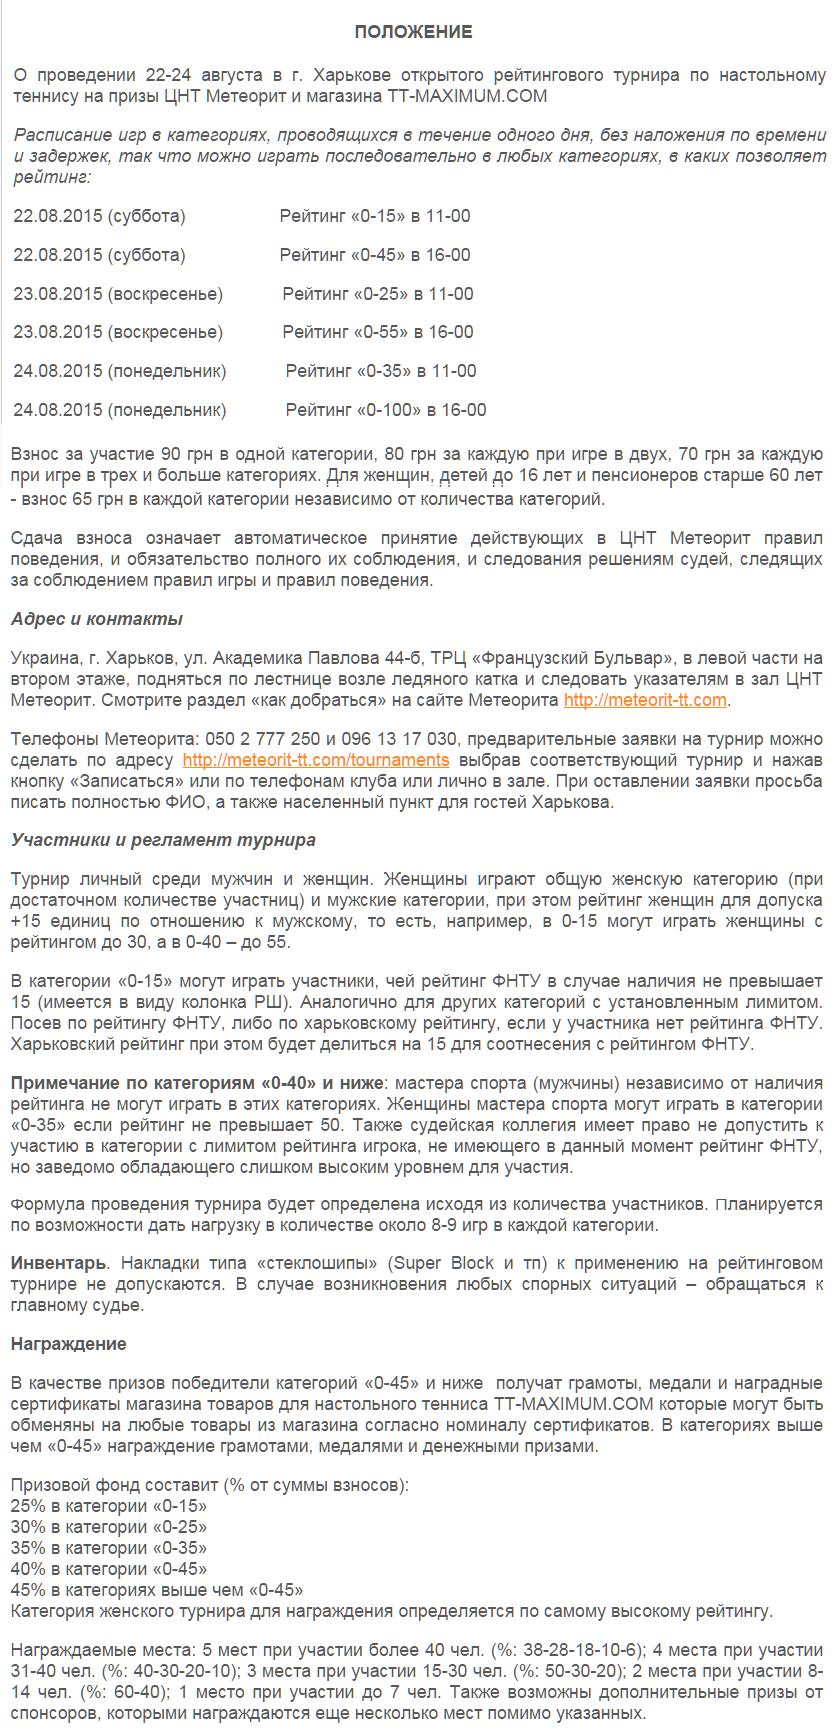 Положение Харьков